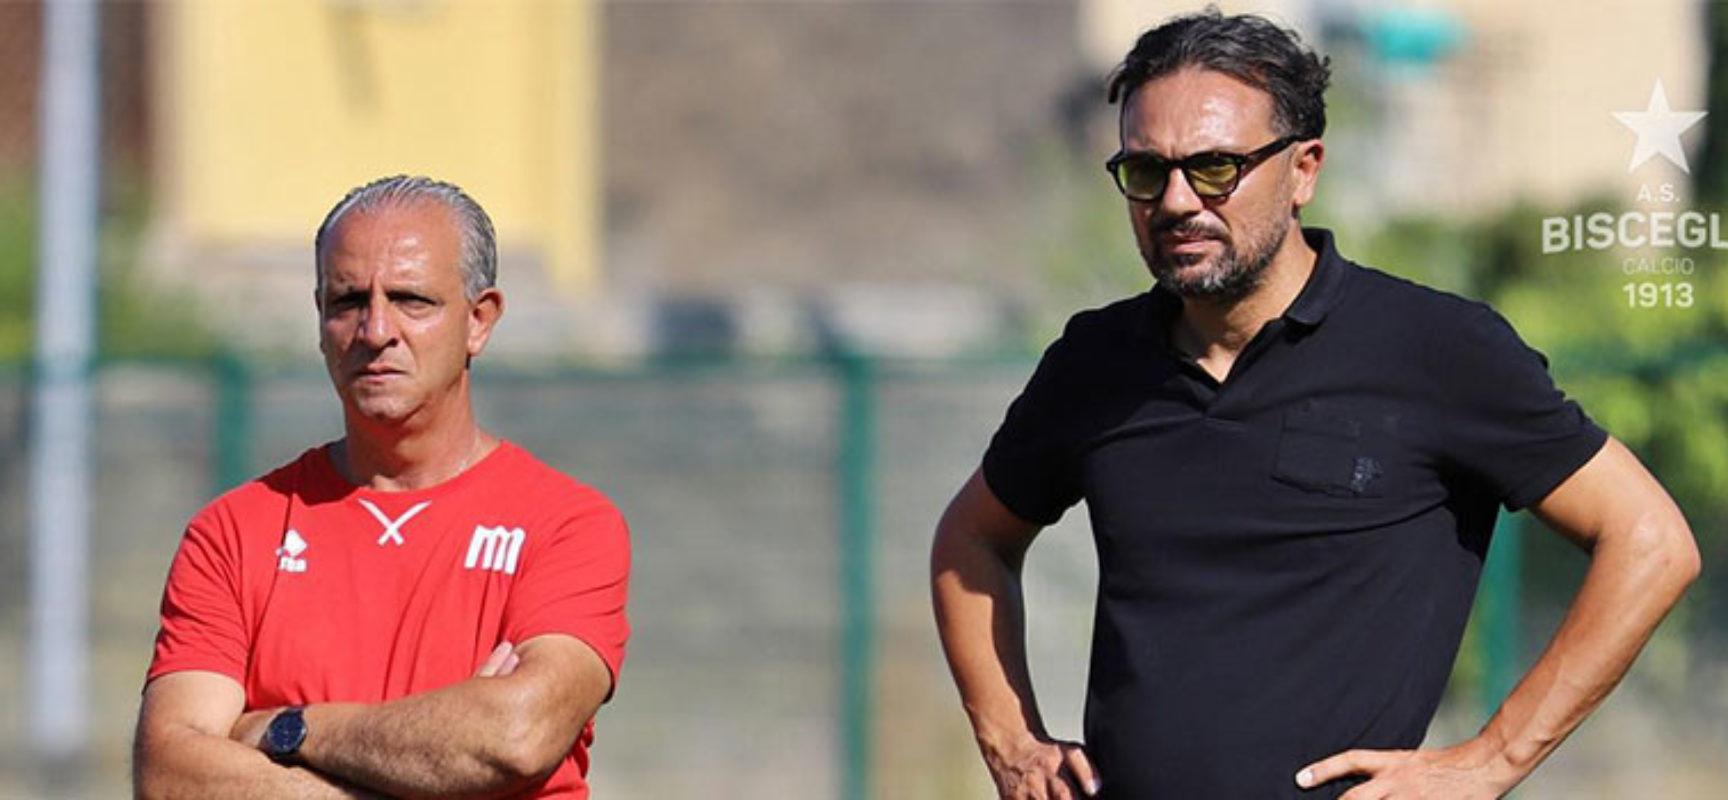 Aumentano le speranze di serie C per il Bisceglie Calcio, respinti i ricorsi di Picerno e Bitonto